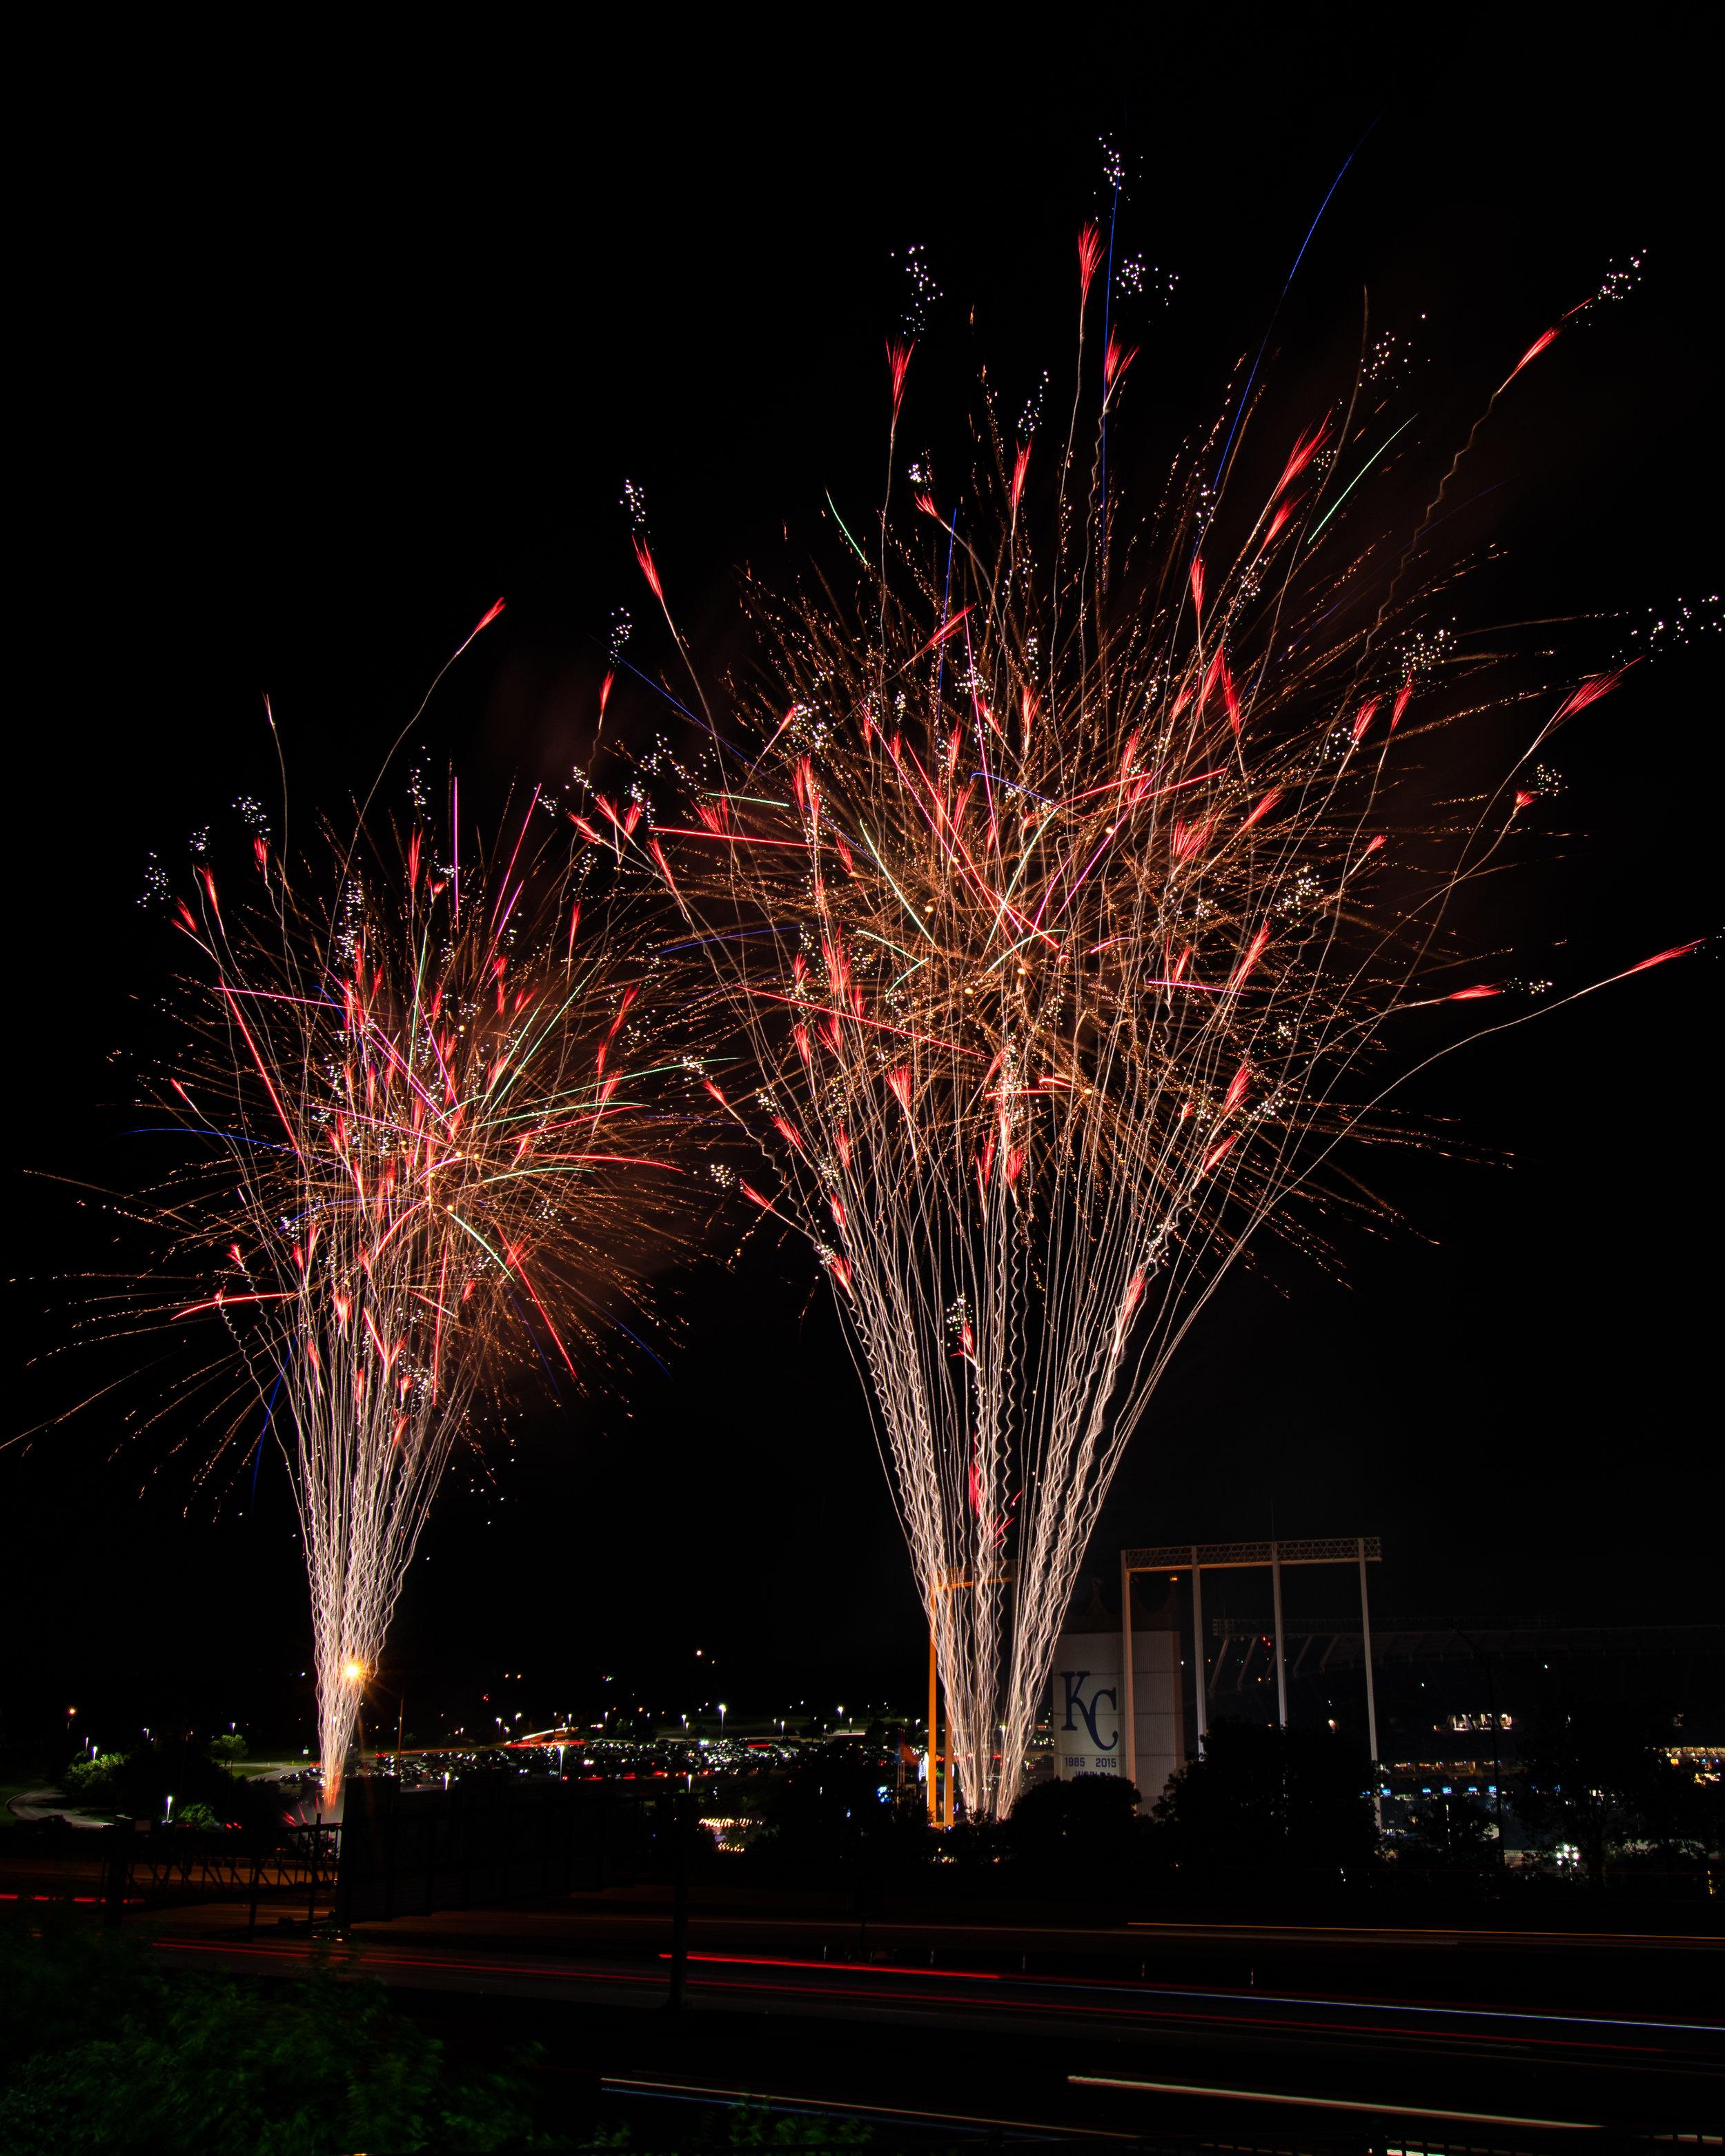 firework-friday-50-of-51_48108385512_o.jpg